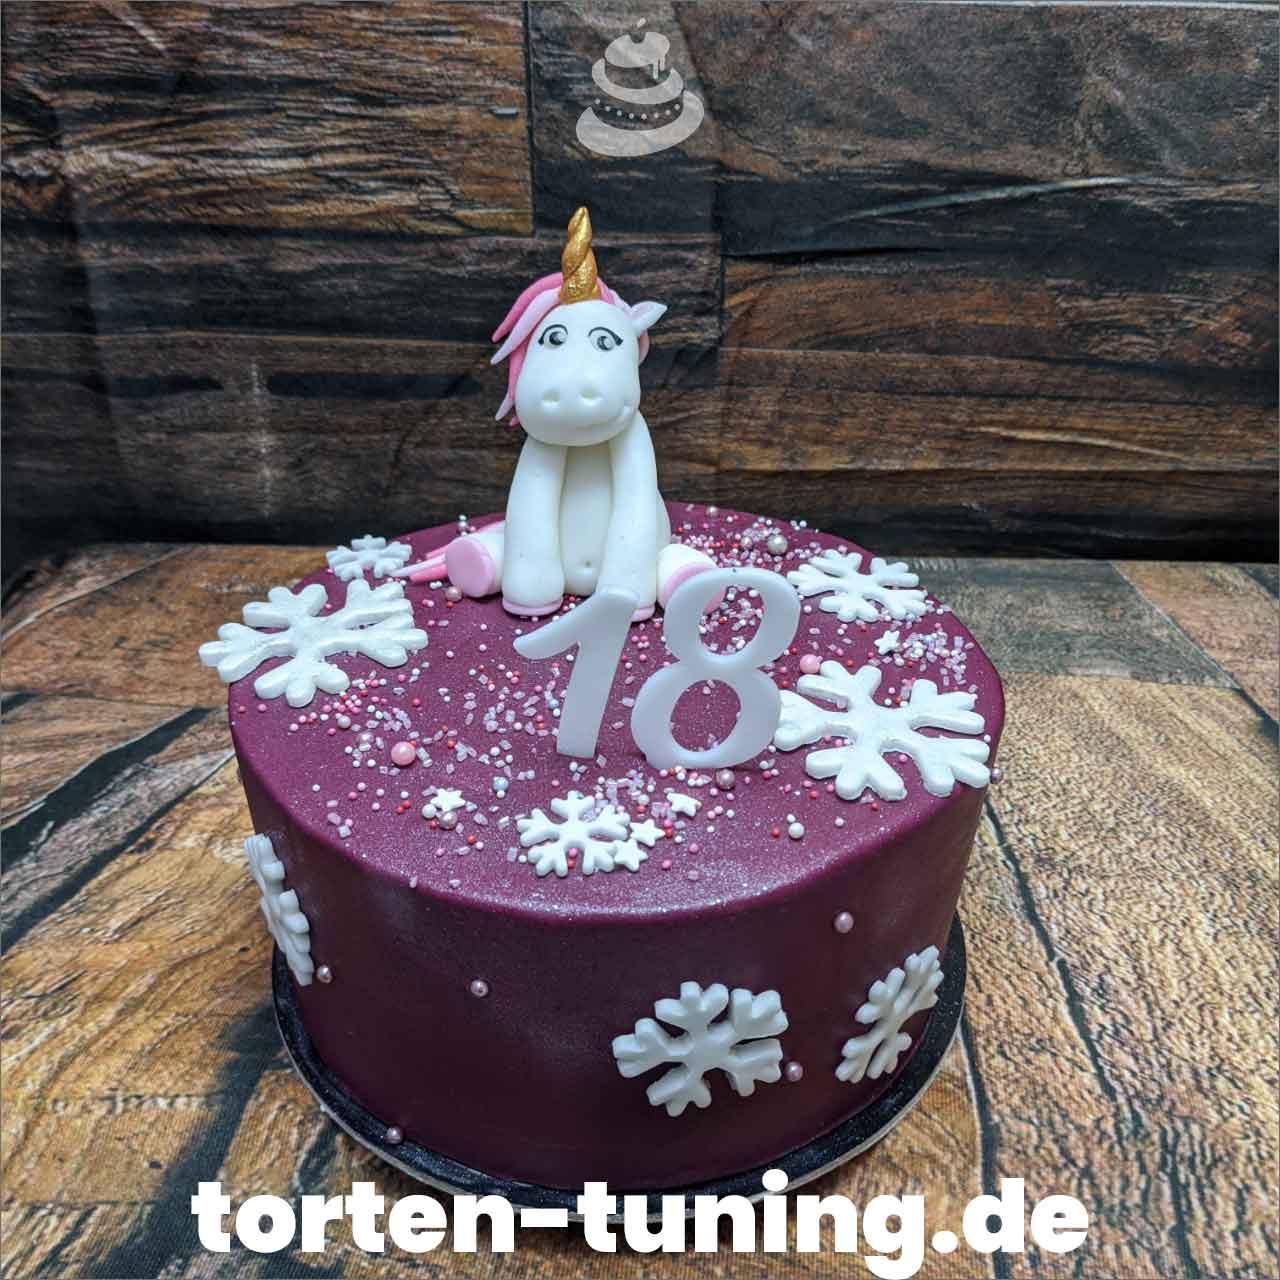 Einhorn Torten Tuning Tortendekoration Geburtstagstorten Suhl Thüringen Backzubehörshop online bestellen Jugendweihe modellierte Figur